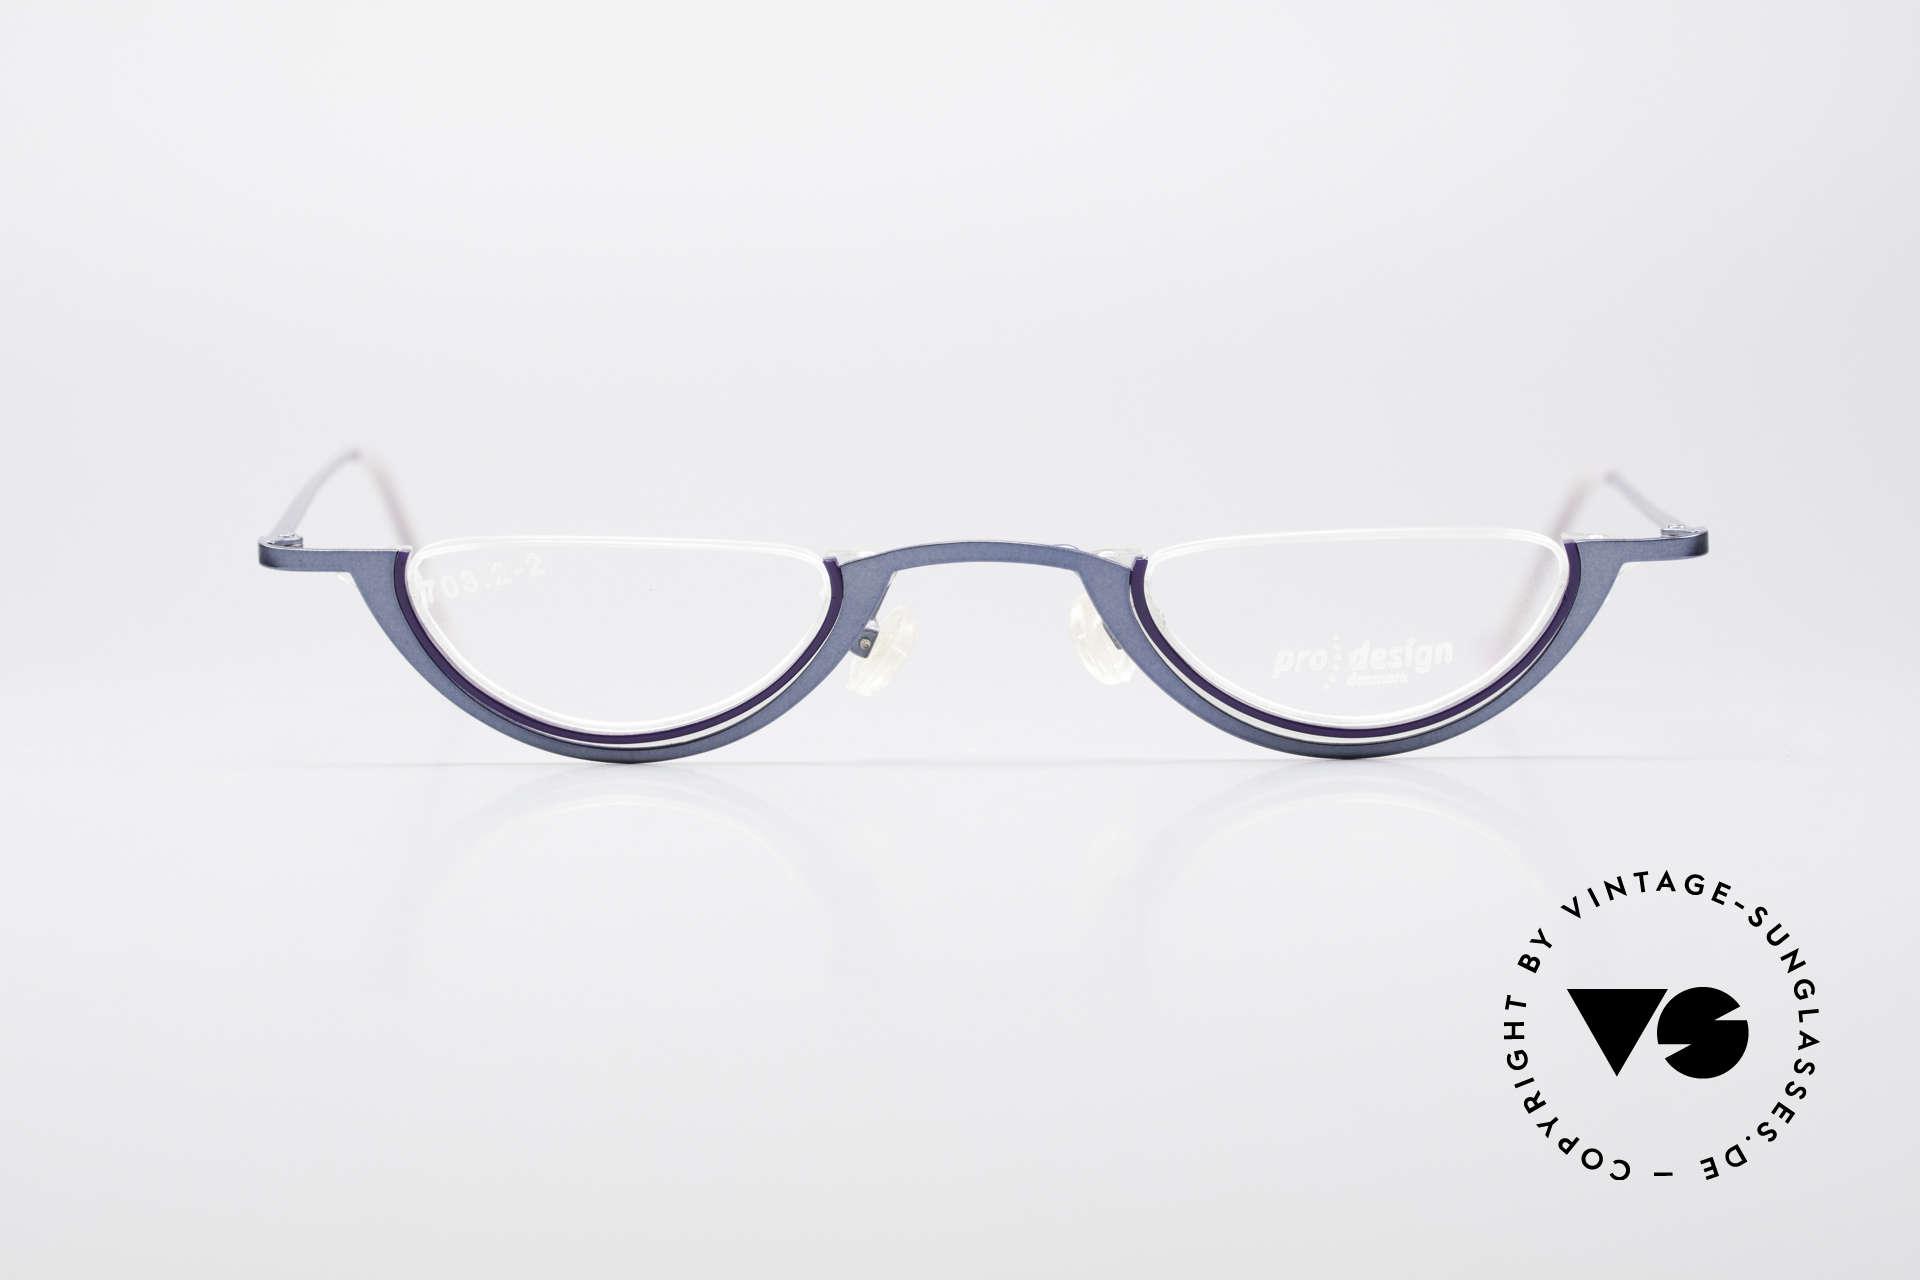 28a1b5ae26 Glasses ProDesign Denmark 7032 Reading Glasses | Vintage Sunglasses